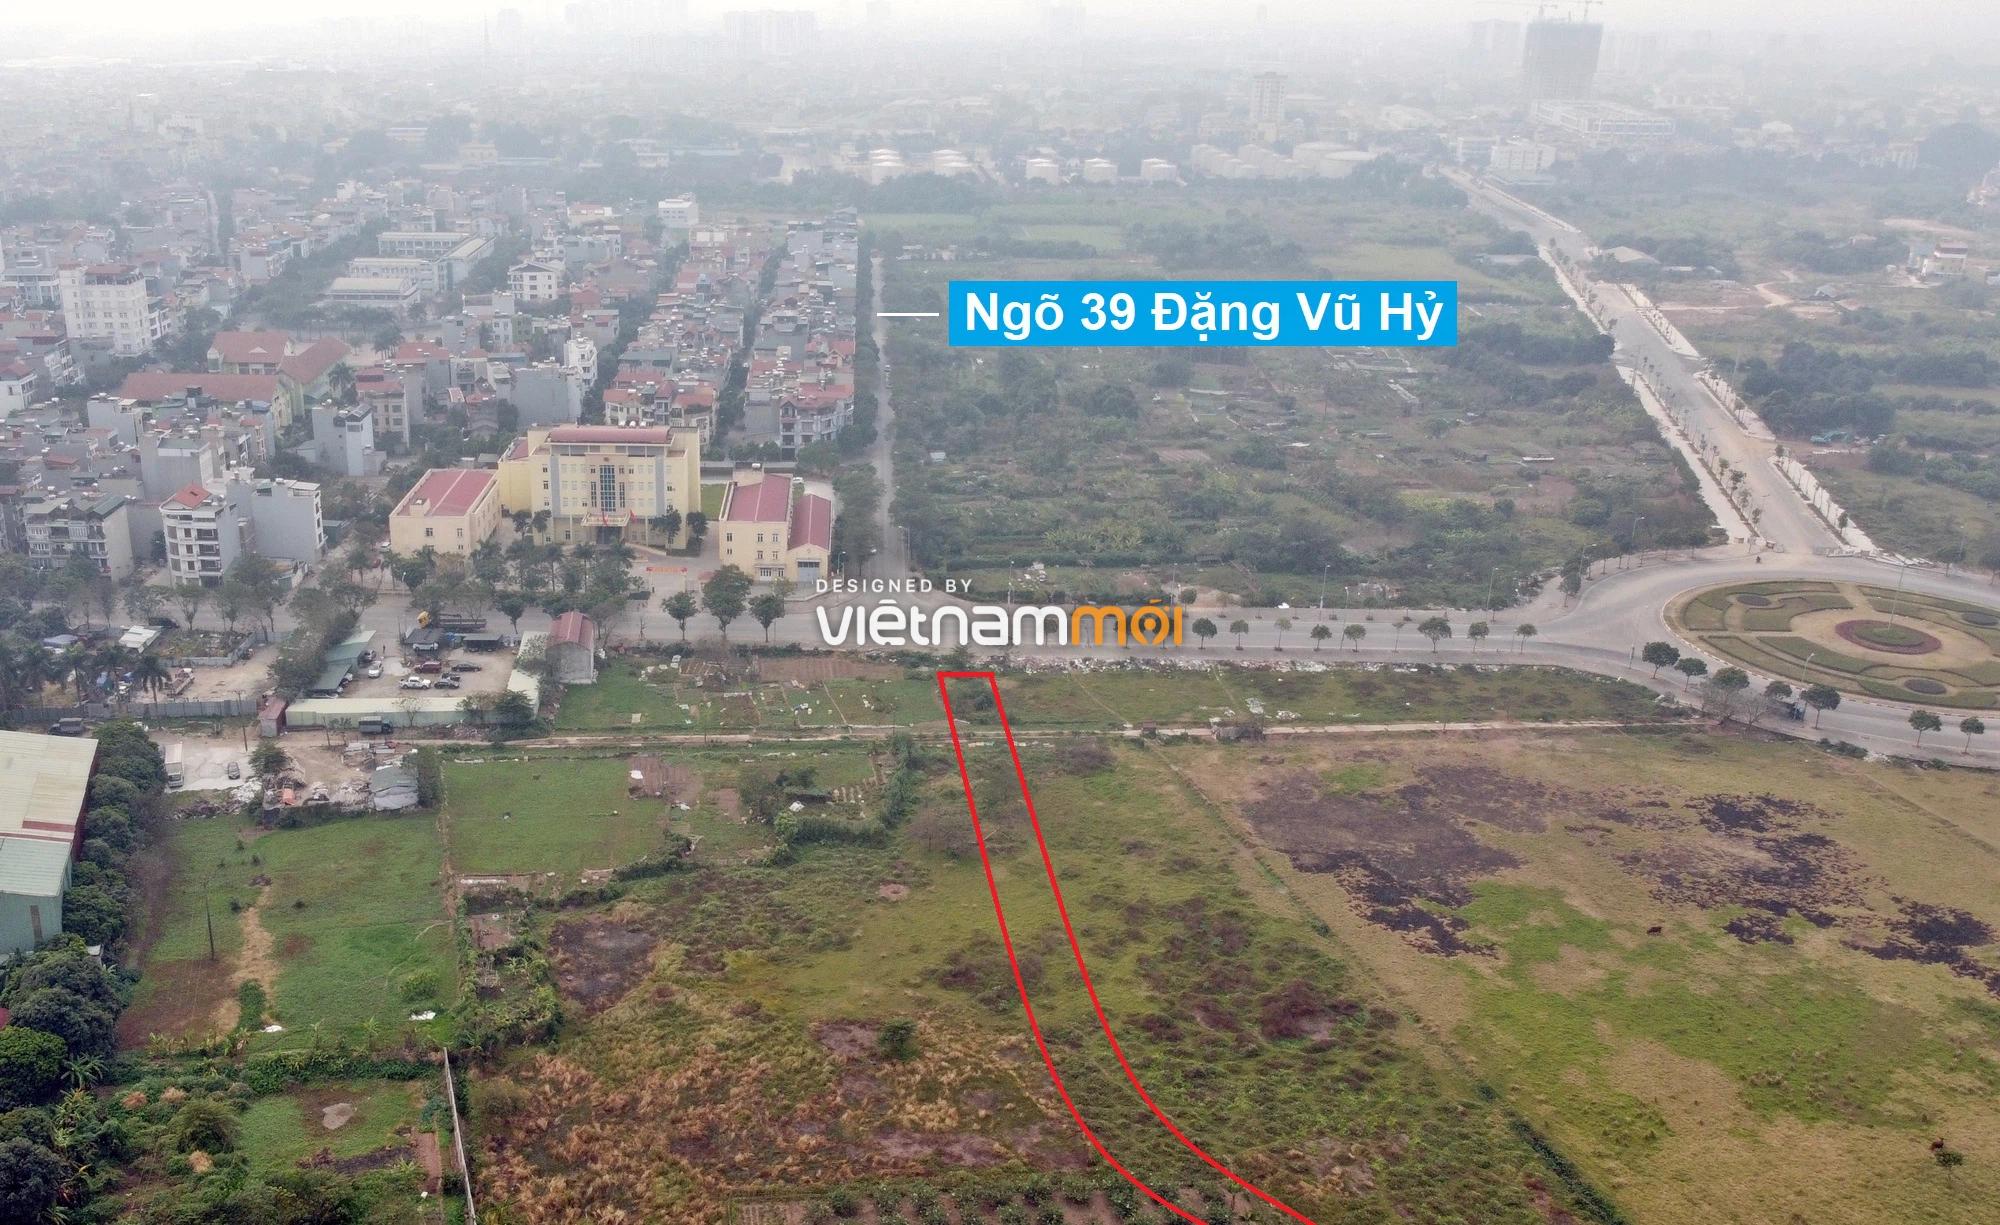 Những khu đất sắp thu hồi để mở đường ở phường Thượng Thanh, Long Biên, Hà Nội (phần 4) - Ảnh 3.